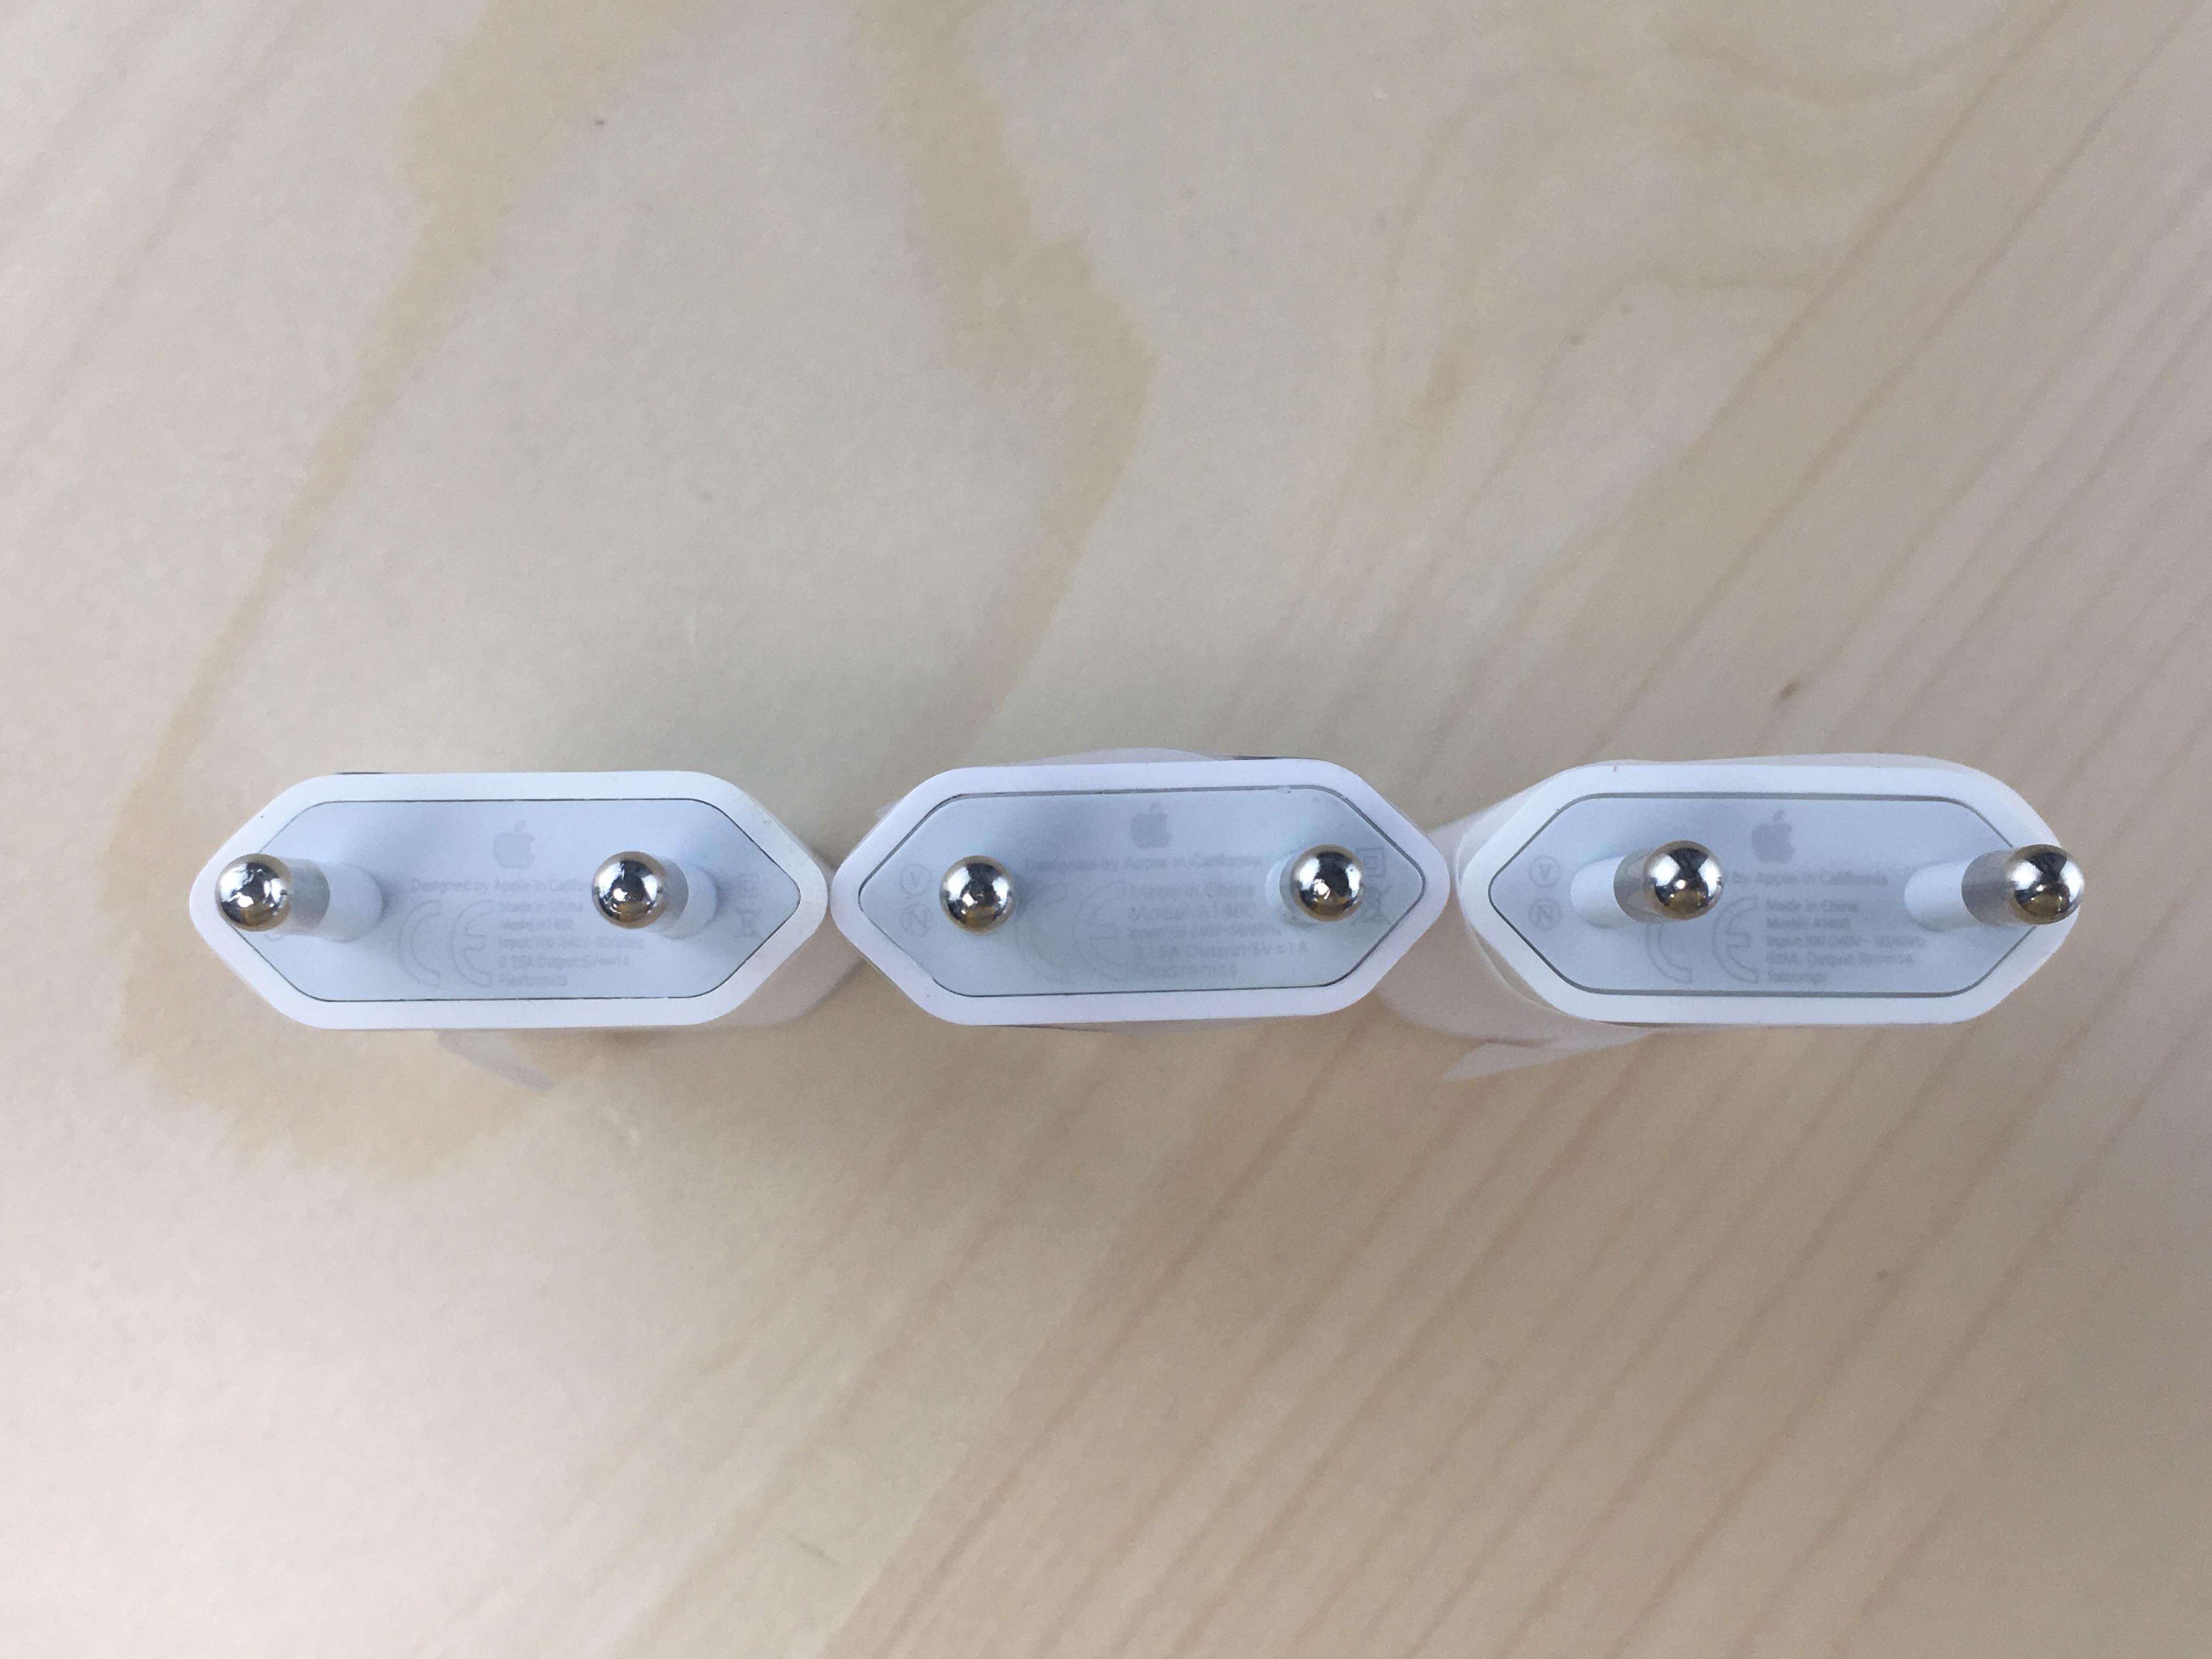 reconnaître un faux chargeur iPhone en regardant les inscriptions techniques